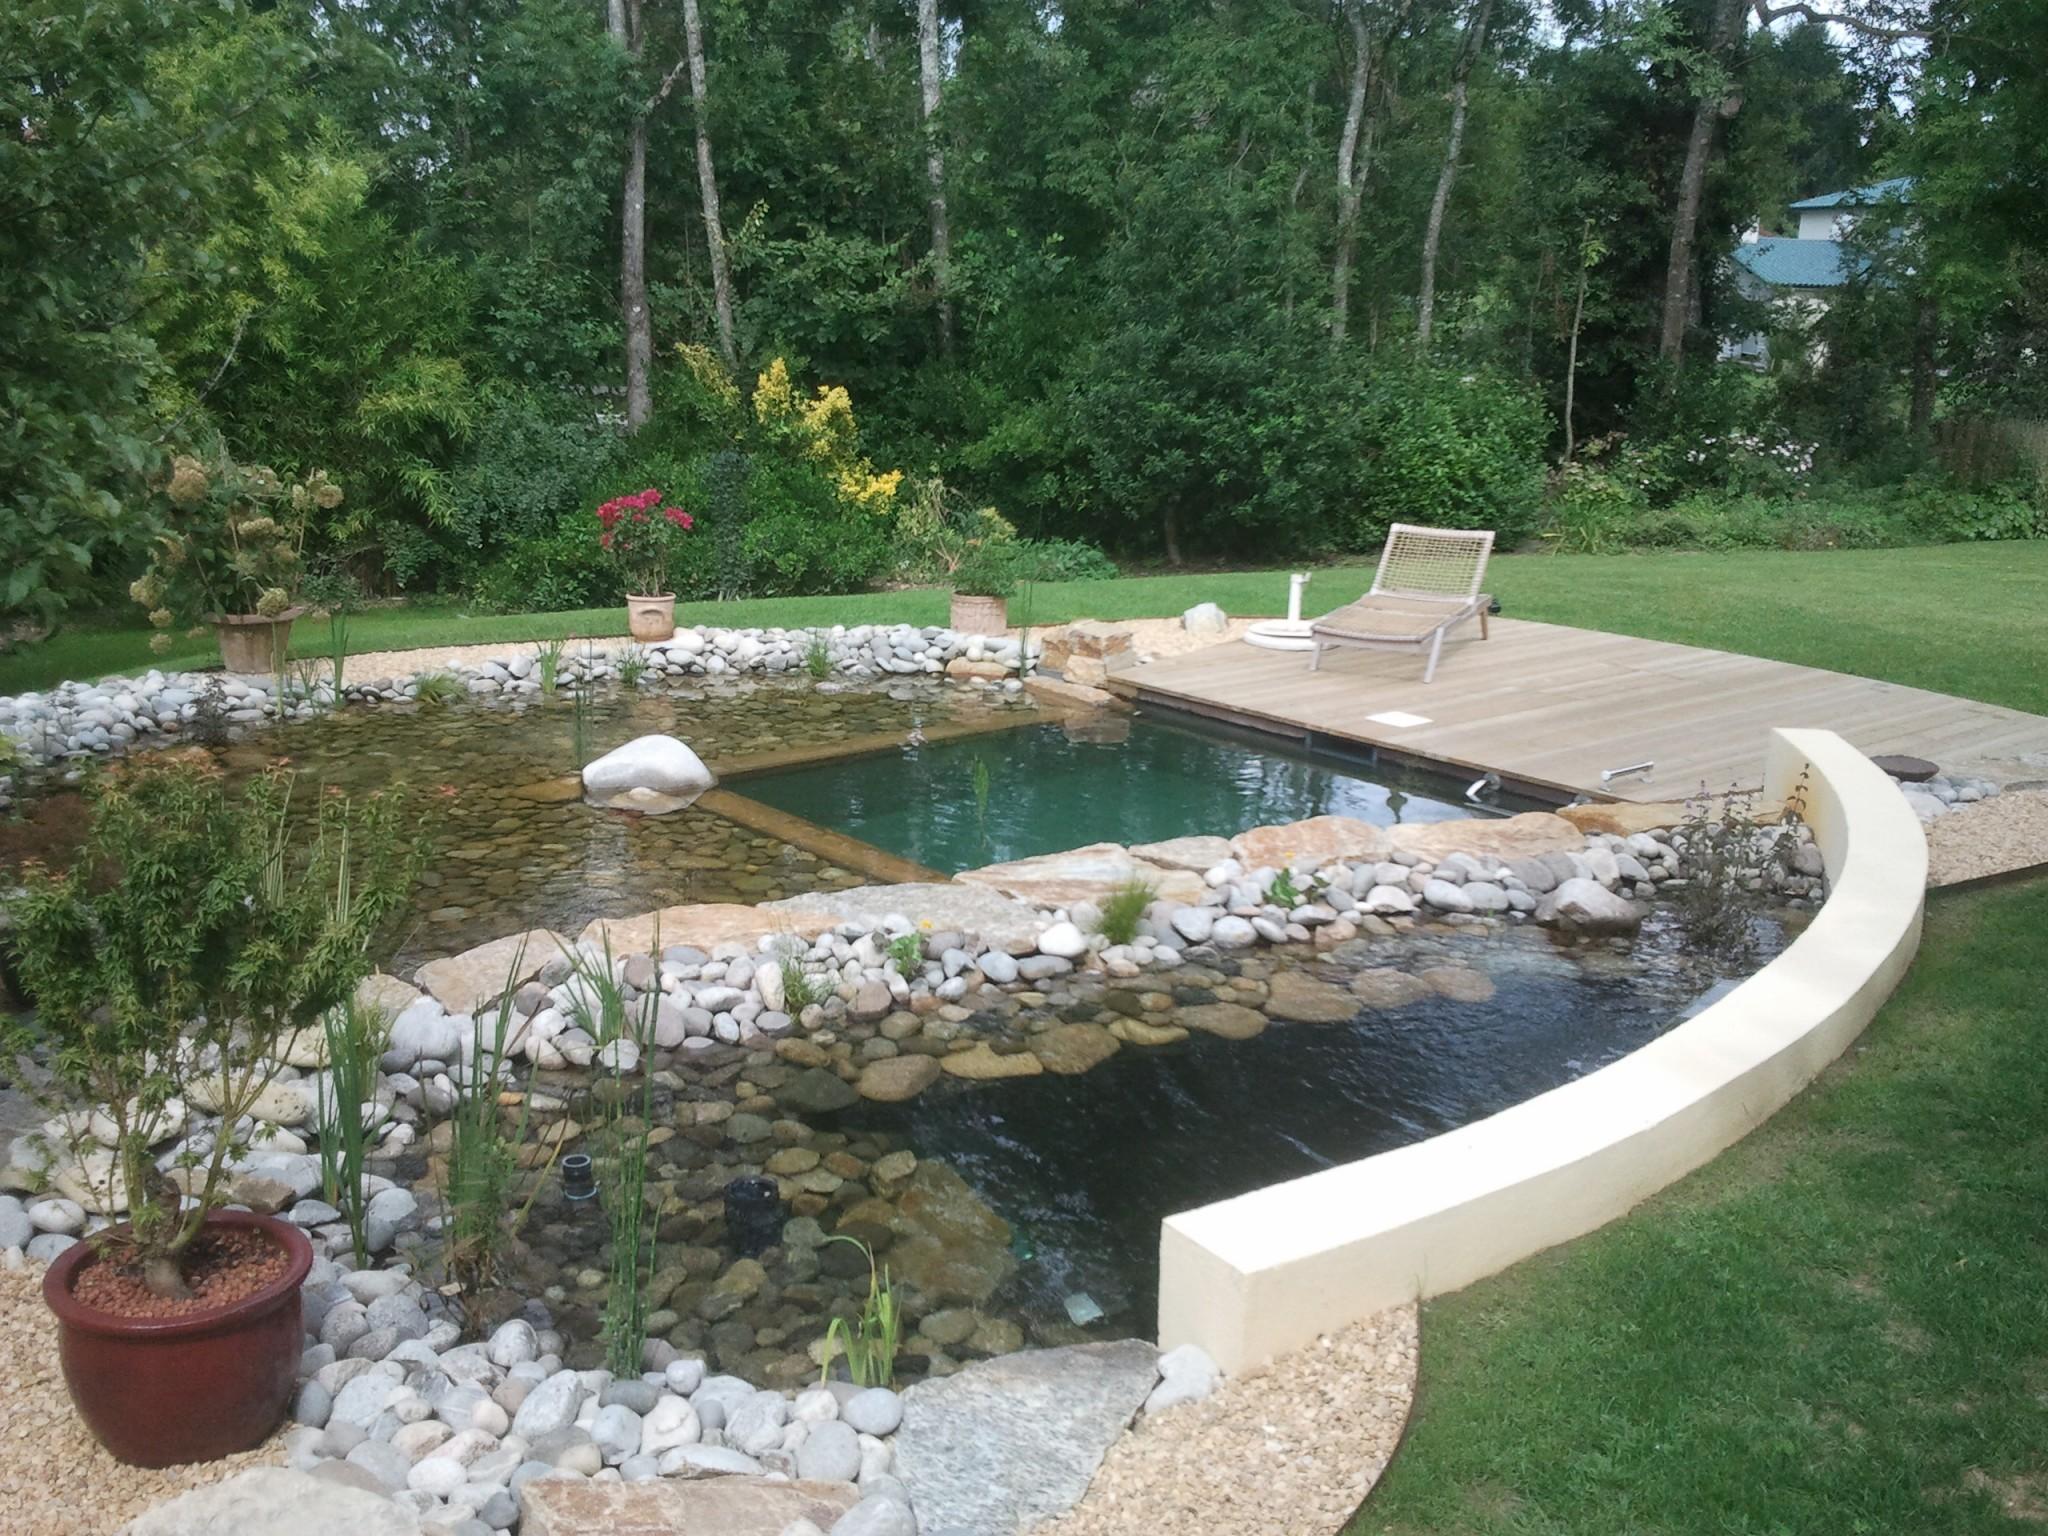 Bassin de piscine des id es pour le style de maison for Bassin piscine